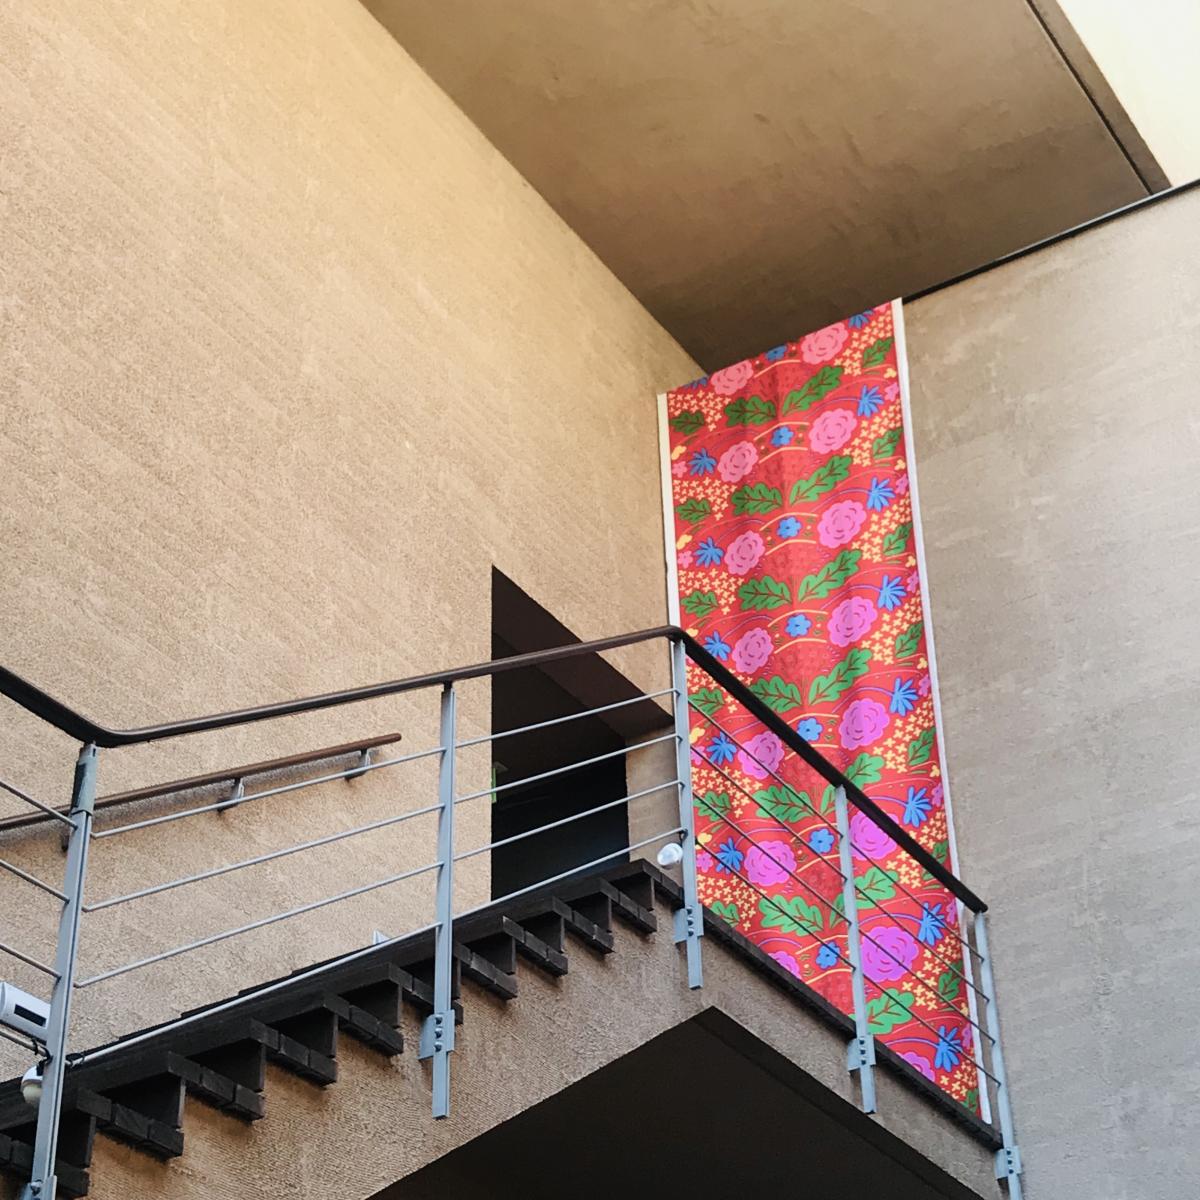 美術館に飾られている「マリメッコ」時代の初期に発表したテキスタイル「Onni(オンニ/幸せ)」。館のあちこちにテキスタイルが飾られ、訪れるだけで楽しい気分になります